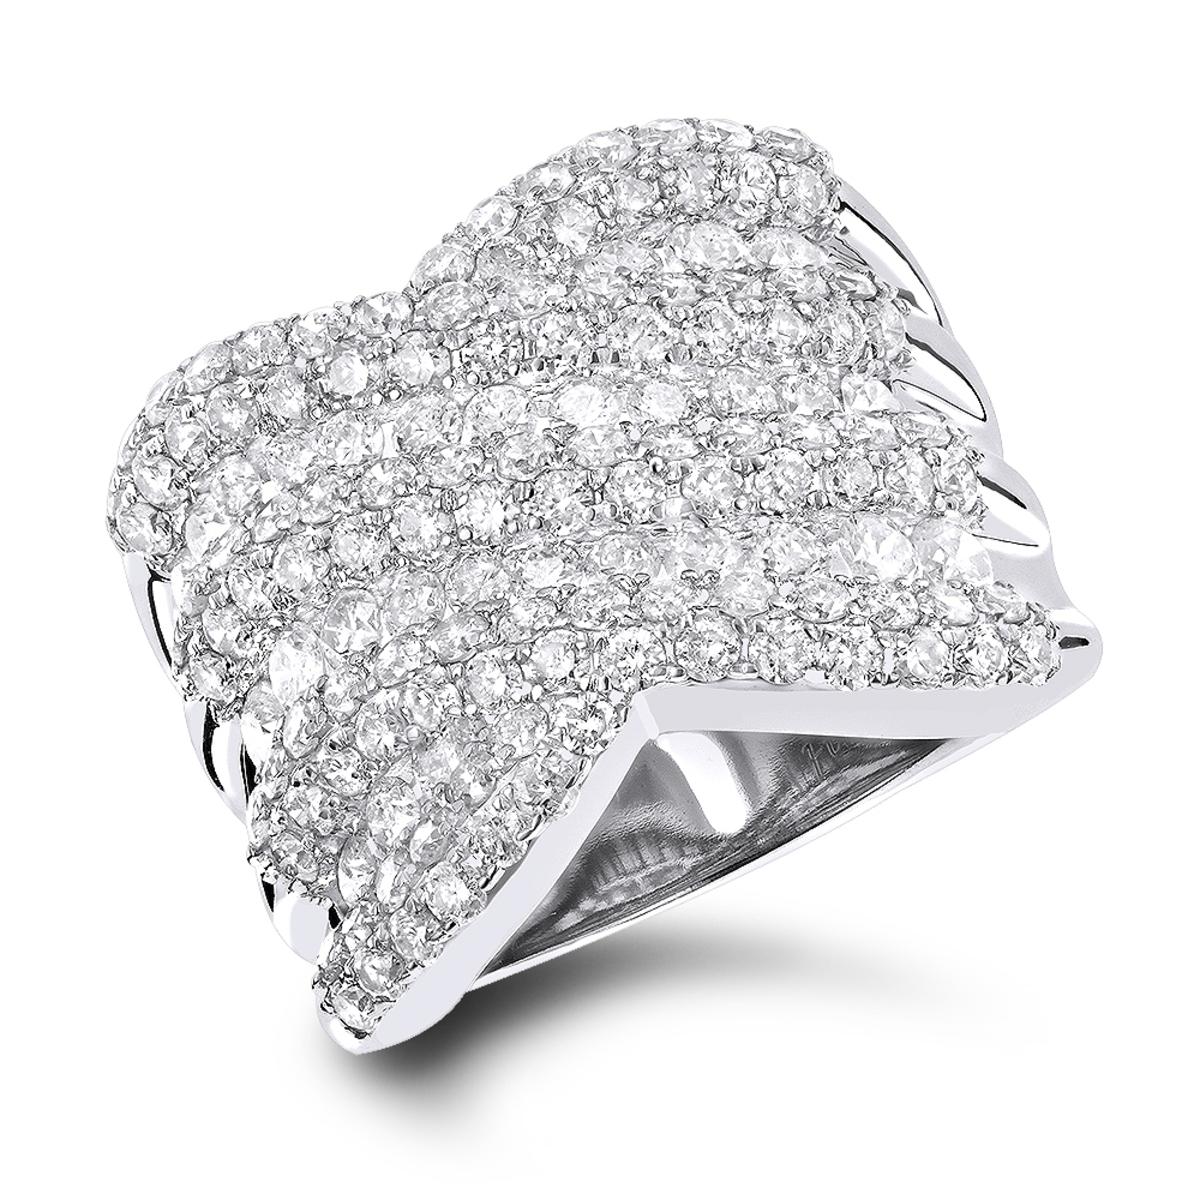 Cocktail Rings: Ladies 3.50 Carat Diamond Ring 14k Gold.